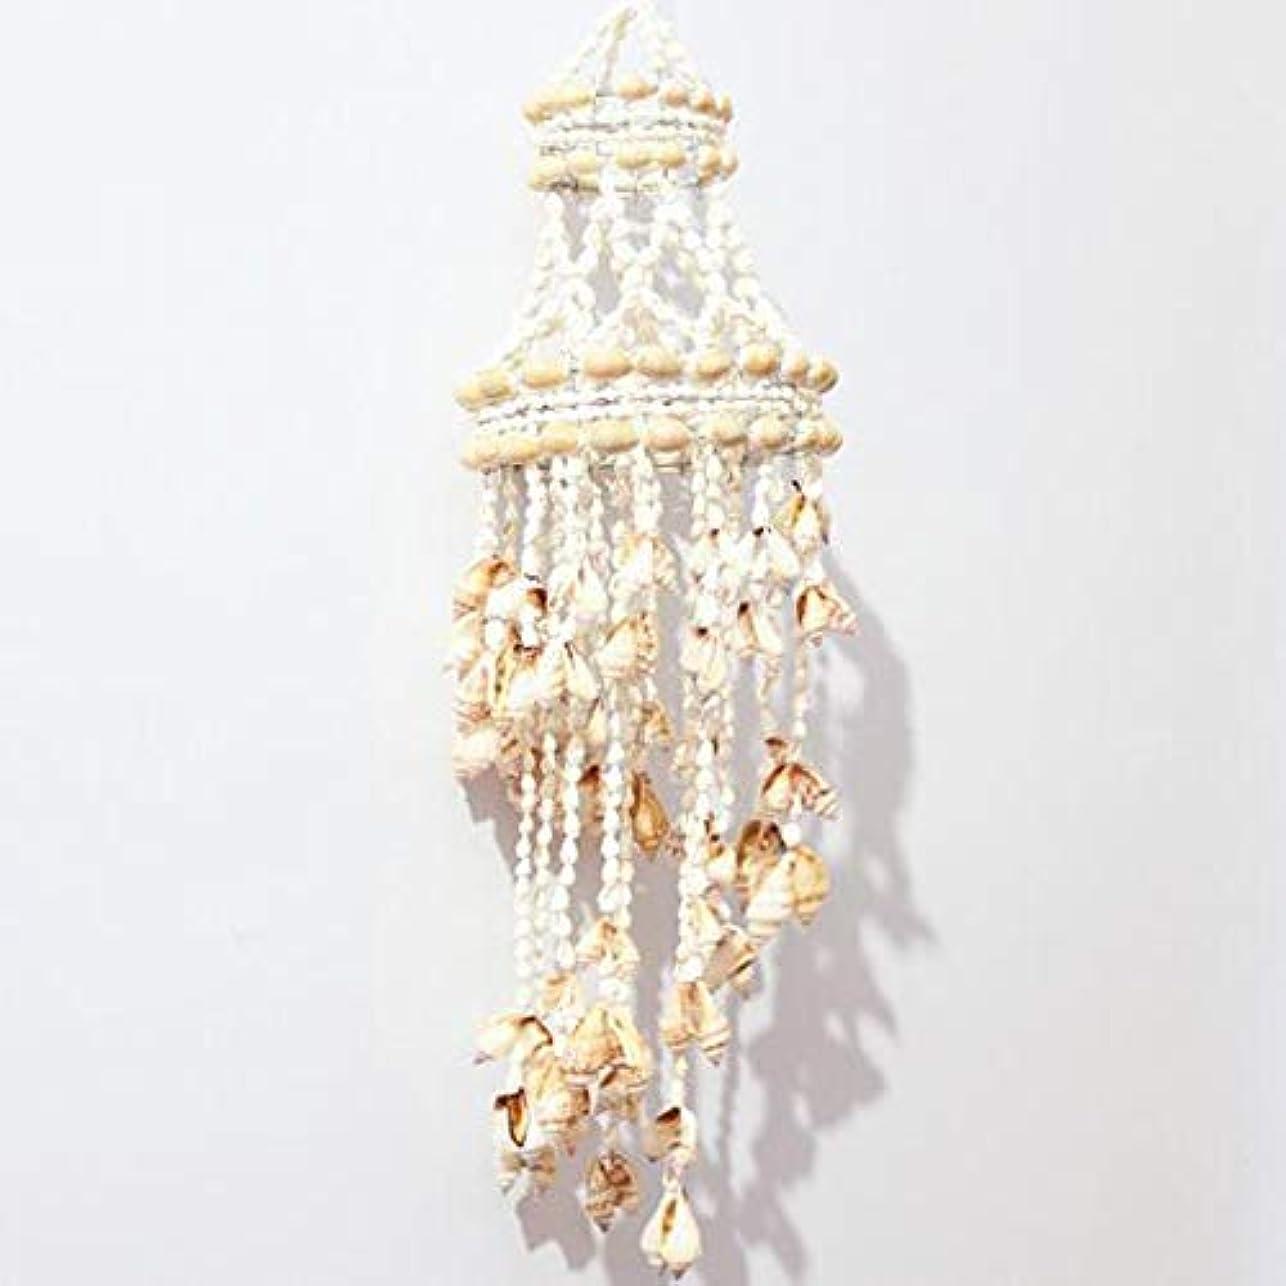 グローバル検査権限を与えるYougou01 風チャイム、ナチュラル手作りシェル風の鐘、ホワイト、約長さ50cm 、創造的な装飾 (Color : A)